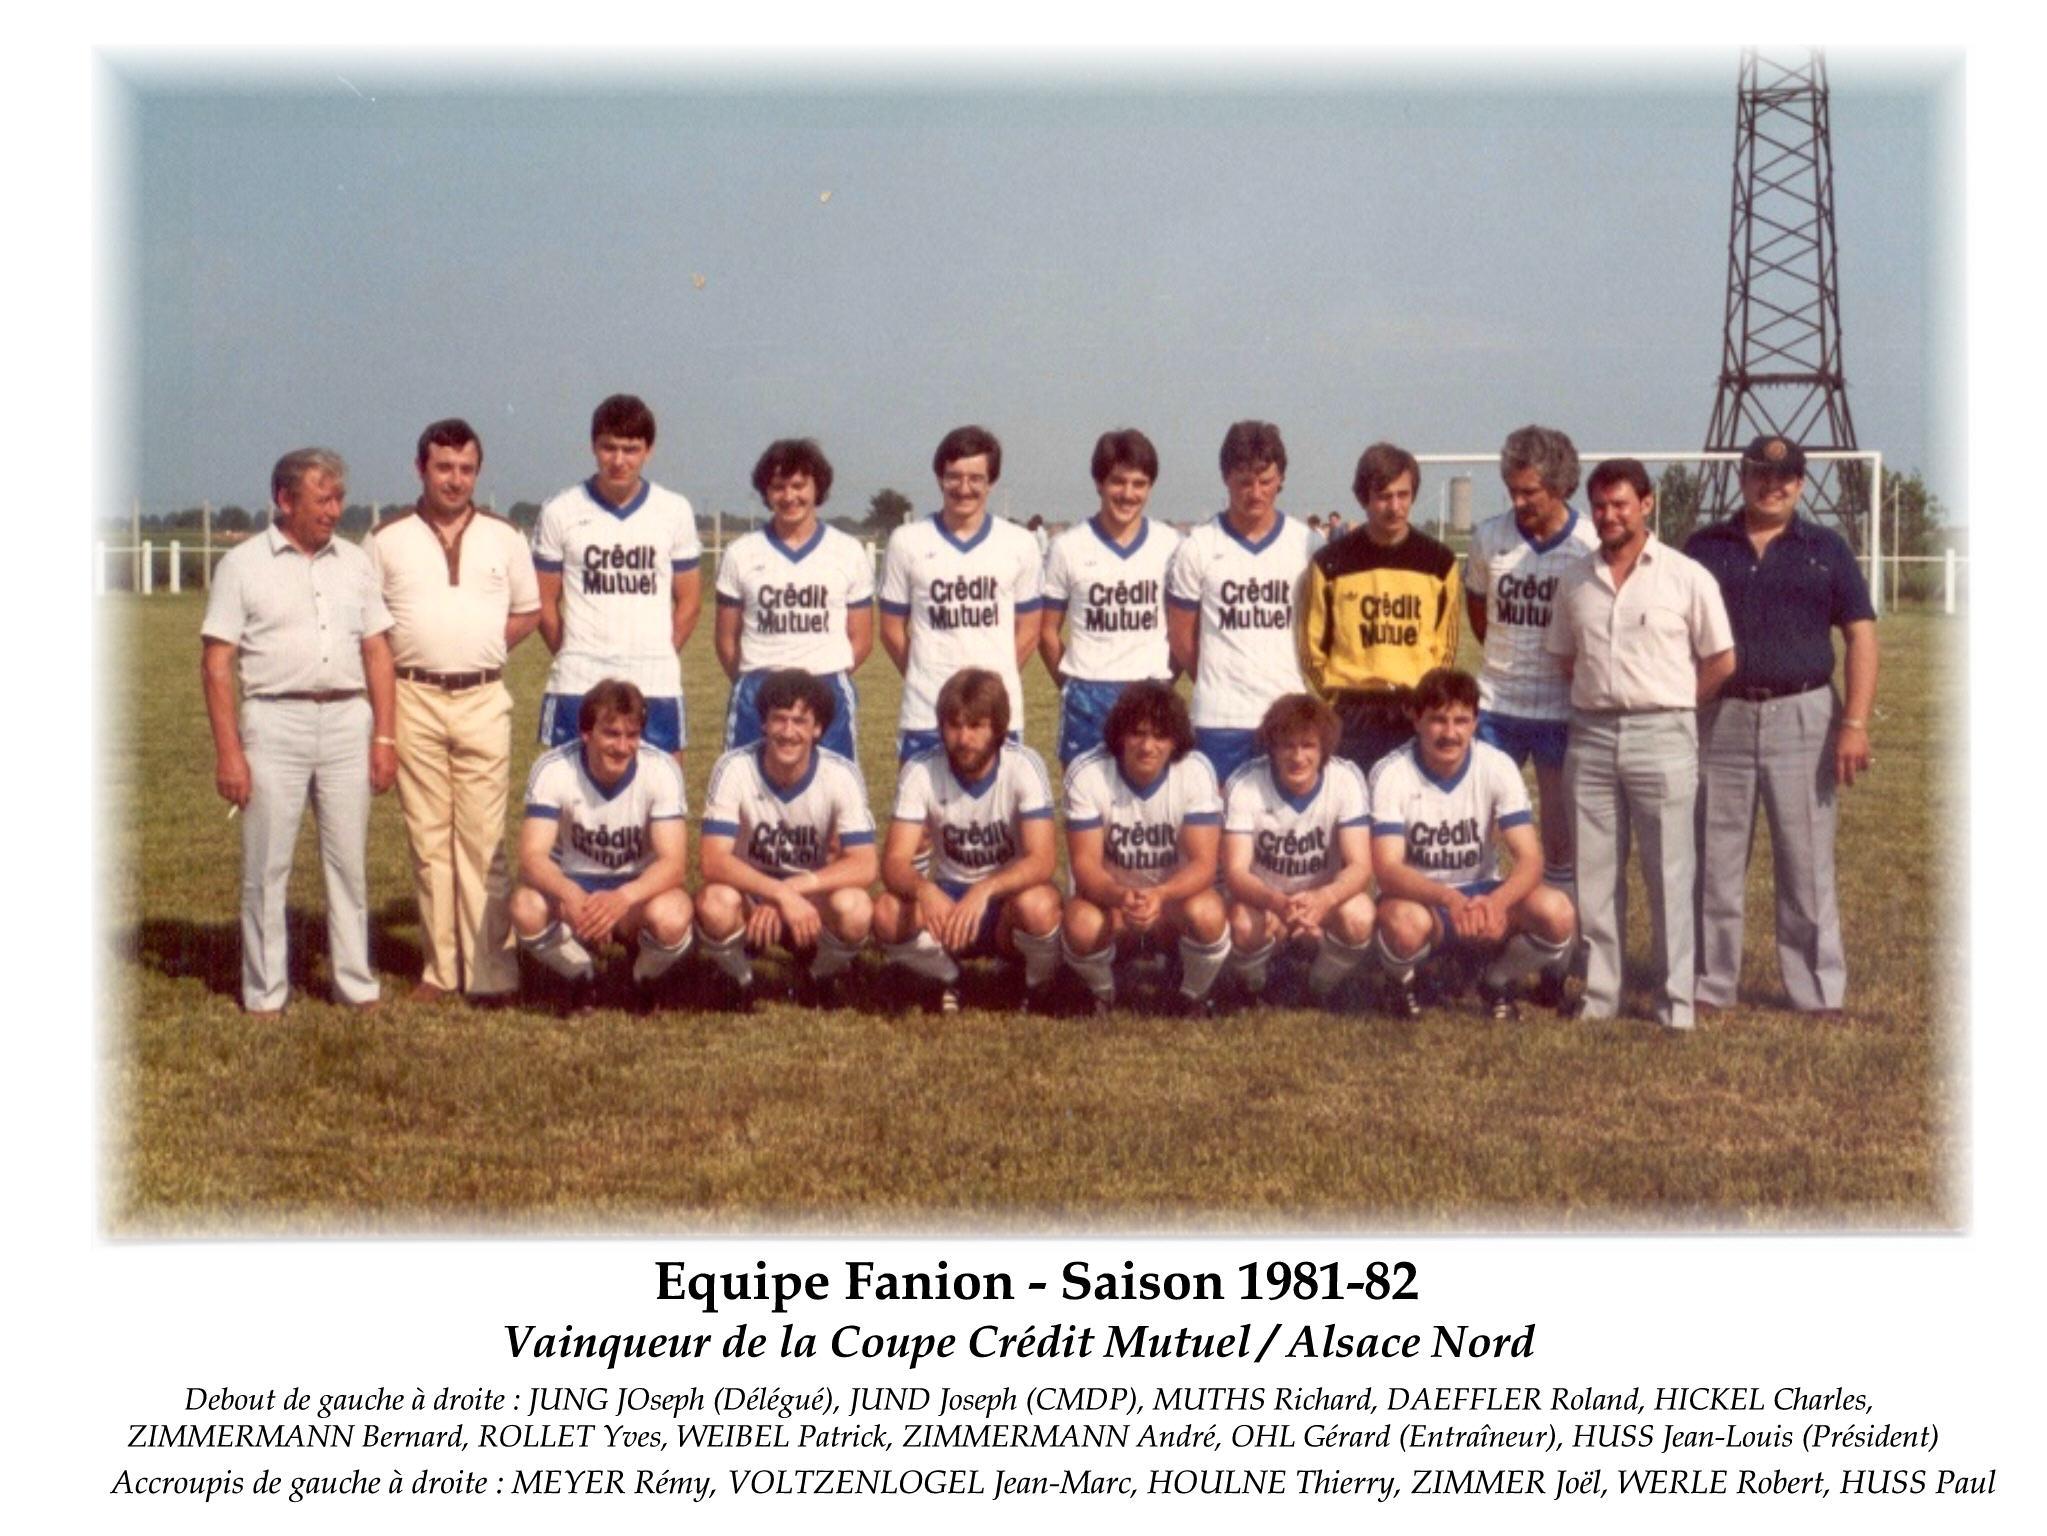 Annees 1981-82